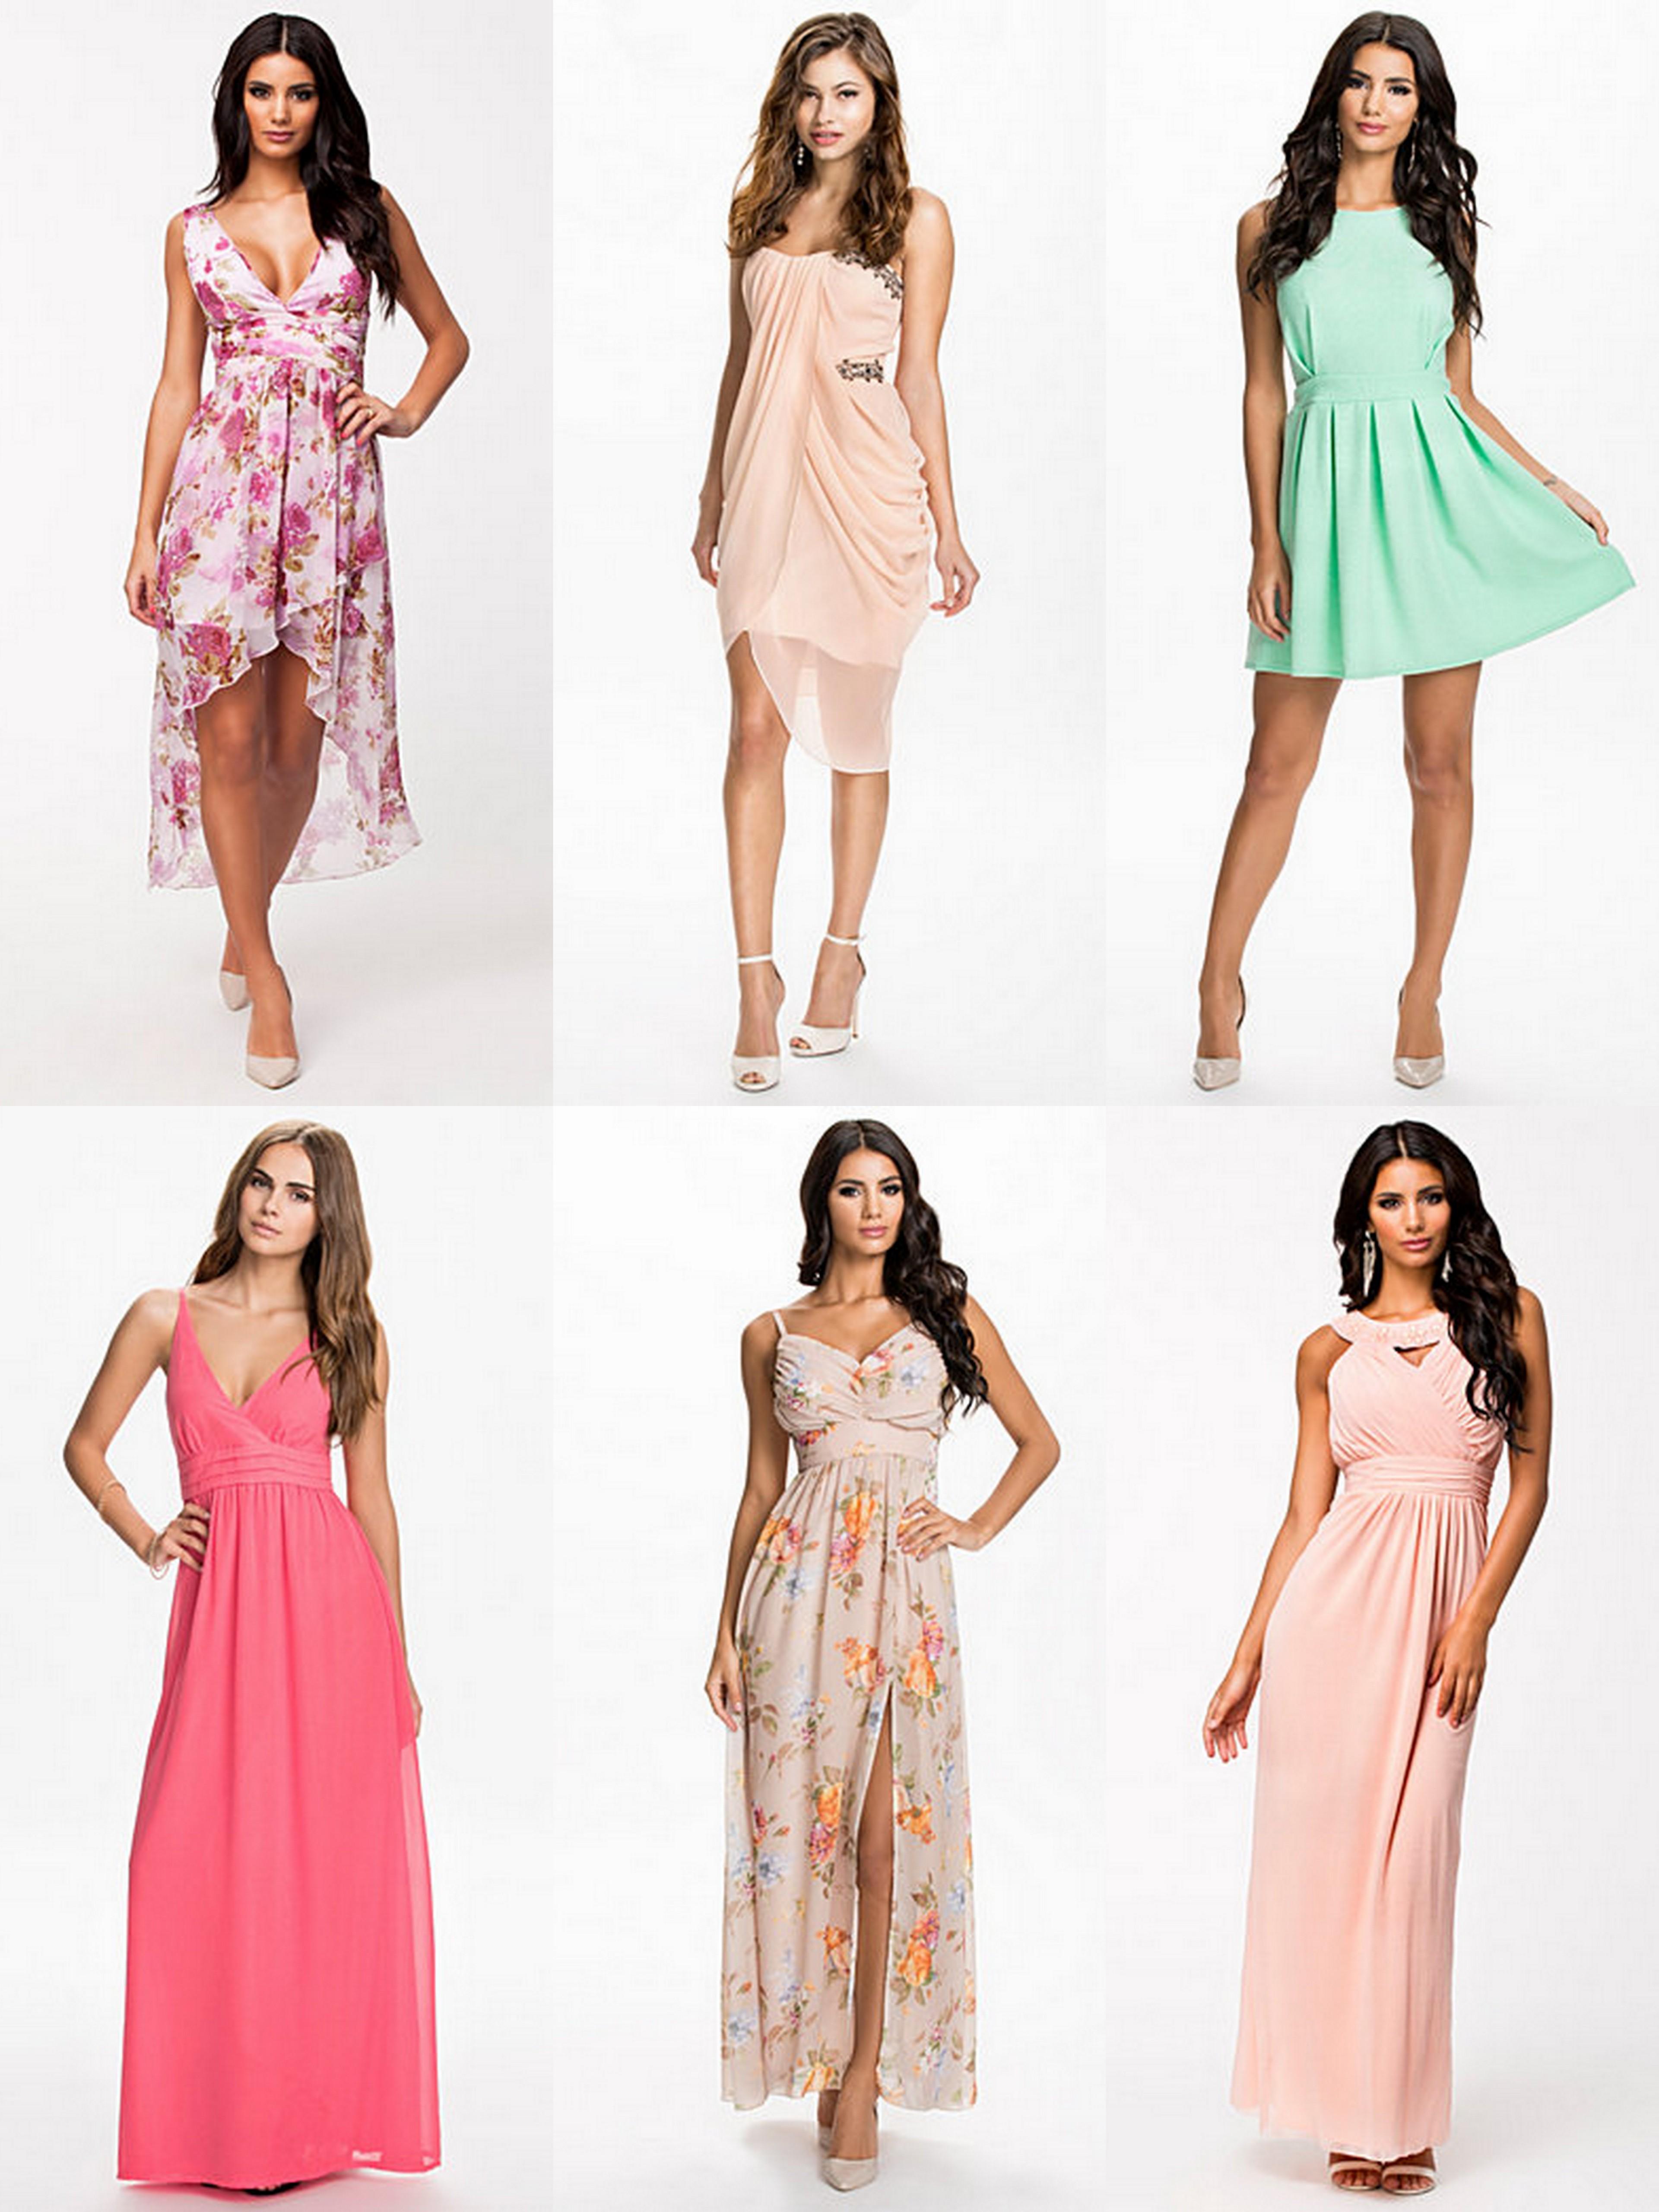 5ddf3af0eca0 Om jag själv gå på bröllop i sommar skulle jag självklart välja en klänning  från min egen butik. Älskar det här mönstret från Dry Lake och de passar  perfekt ...